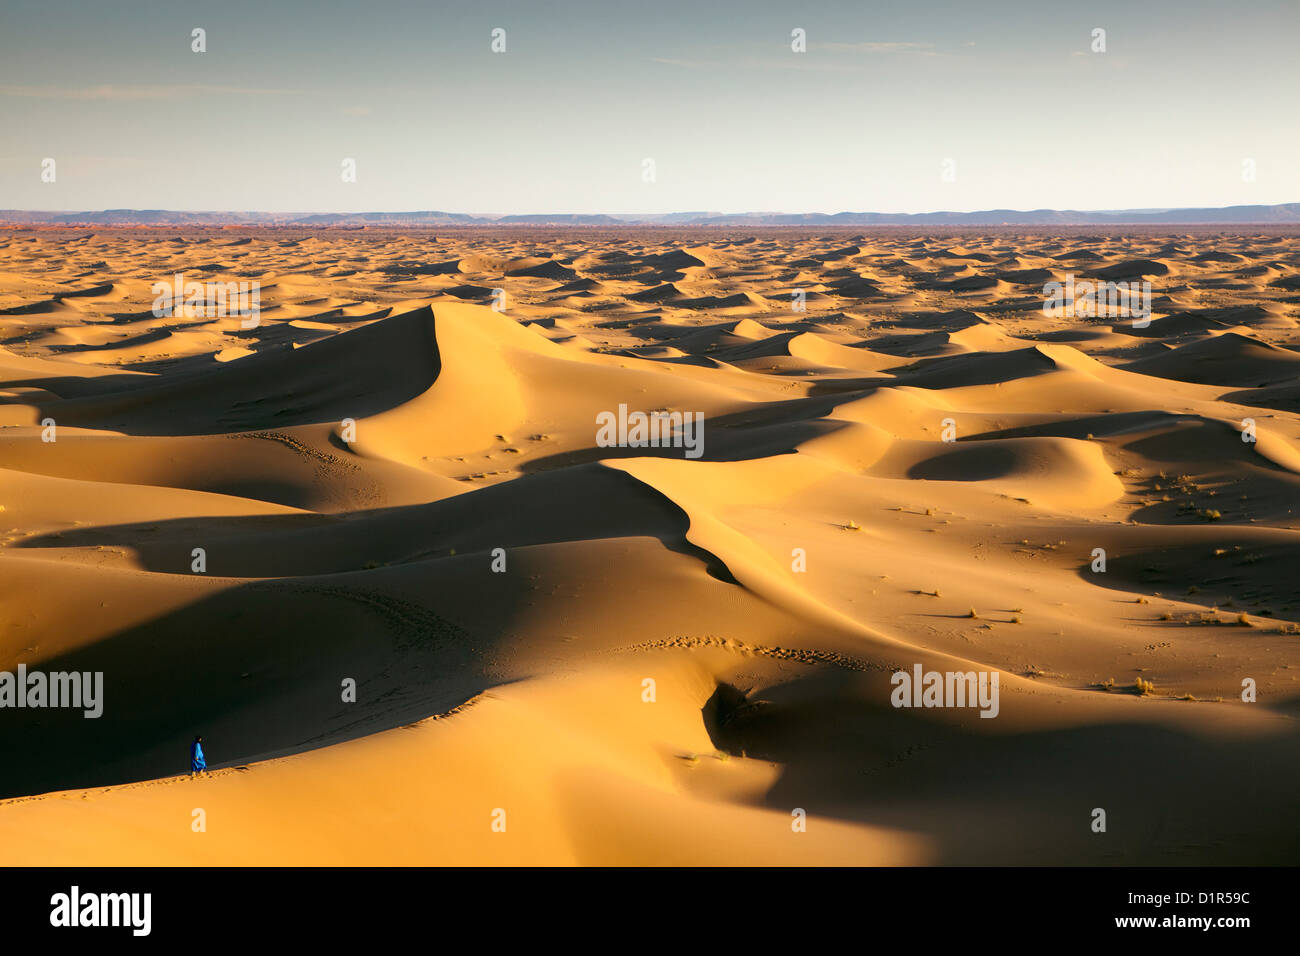 Le Maroc, M'Hamid, Erg Chigaga dunes de sable. Désert du Sahara. Homme berbère sur dune de sable, Photo Stock